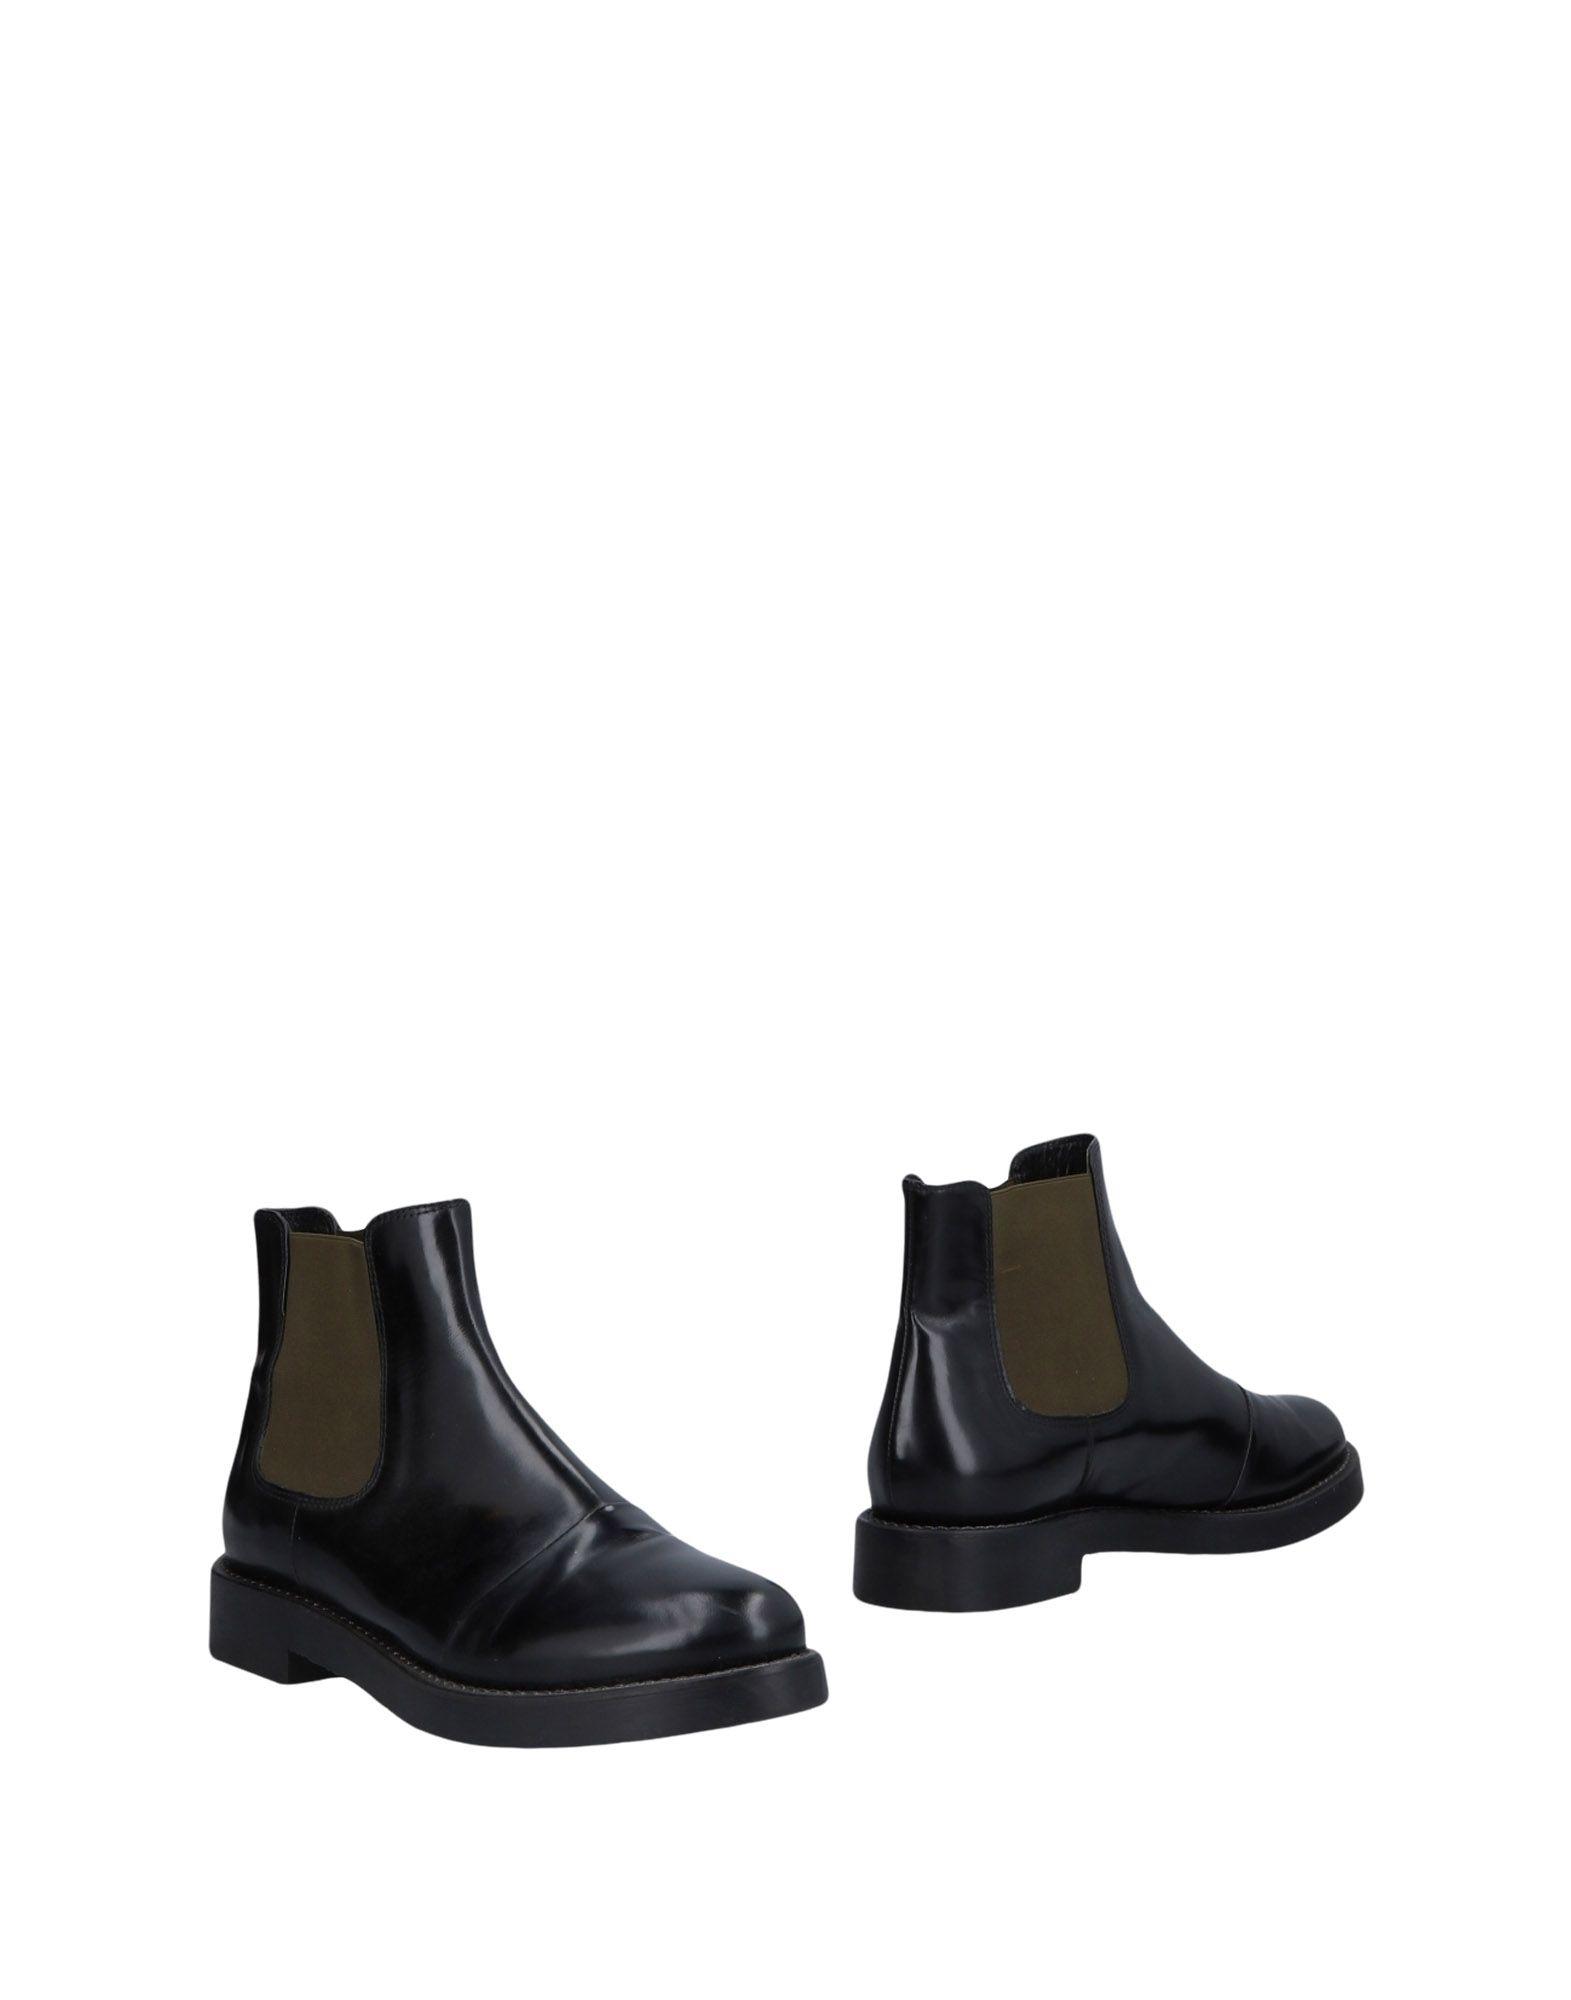 Haltbare 11472087PO Mode billige Schuhe Twin 11472087PO Haltbare Beliebte Schuhe 765b99